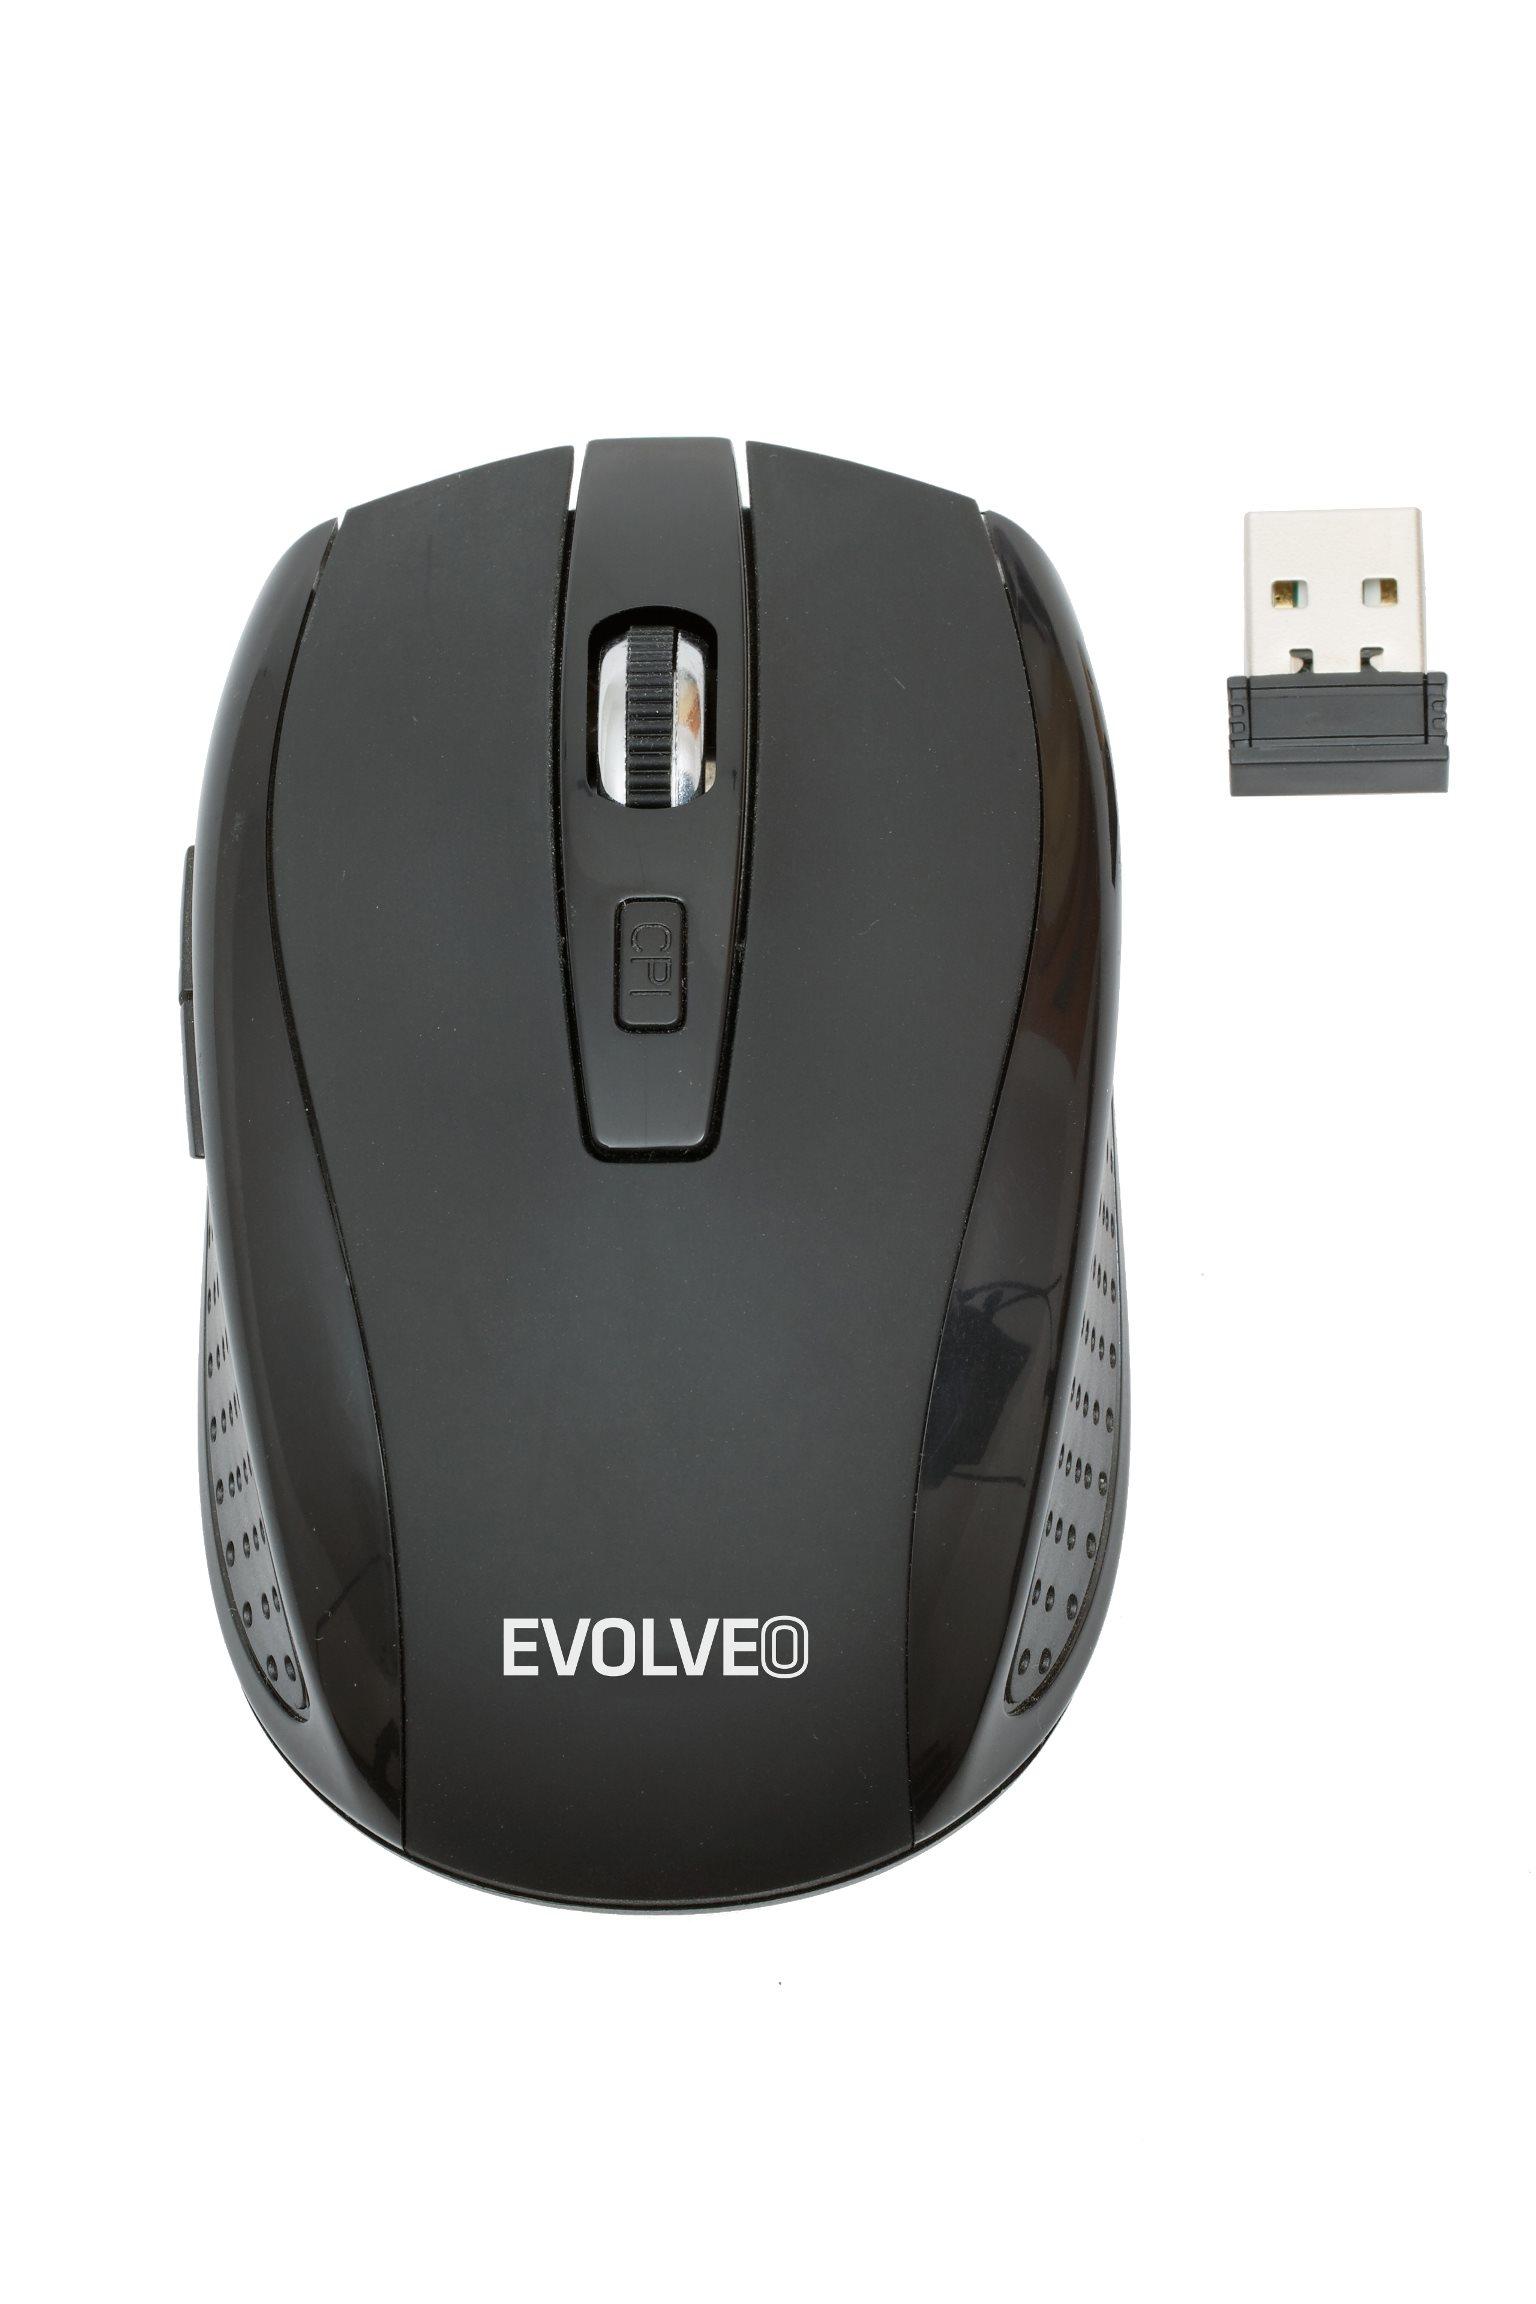 EVOLVEO WML-242B bezdrátová myš, 1600DPI, 2.4GHz, Nano příjímač, USB